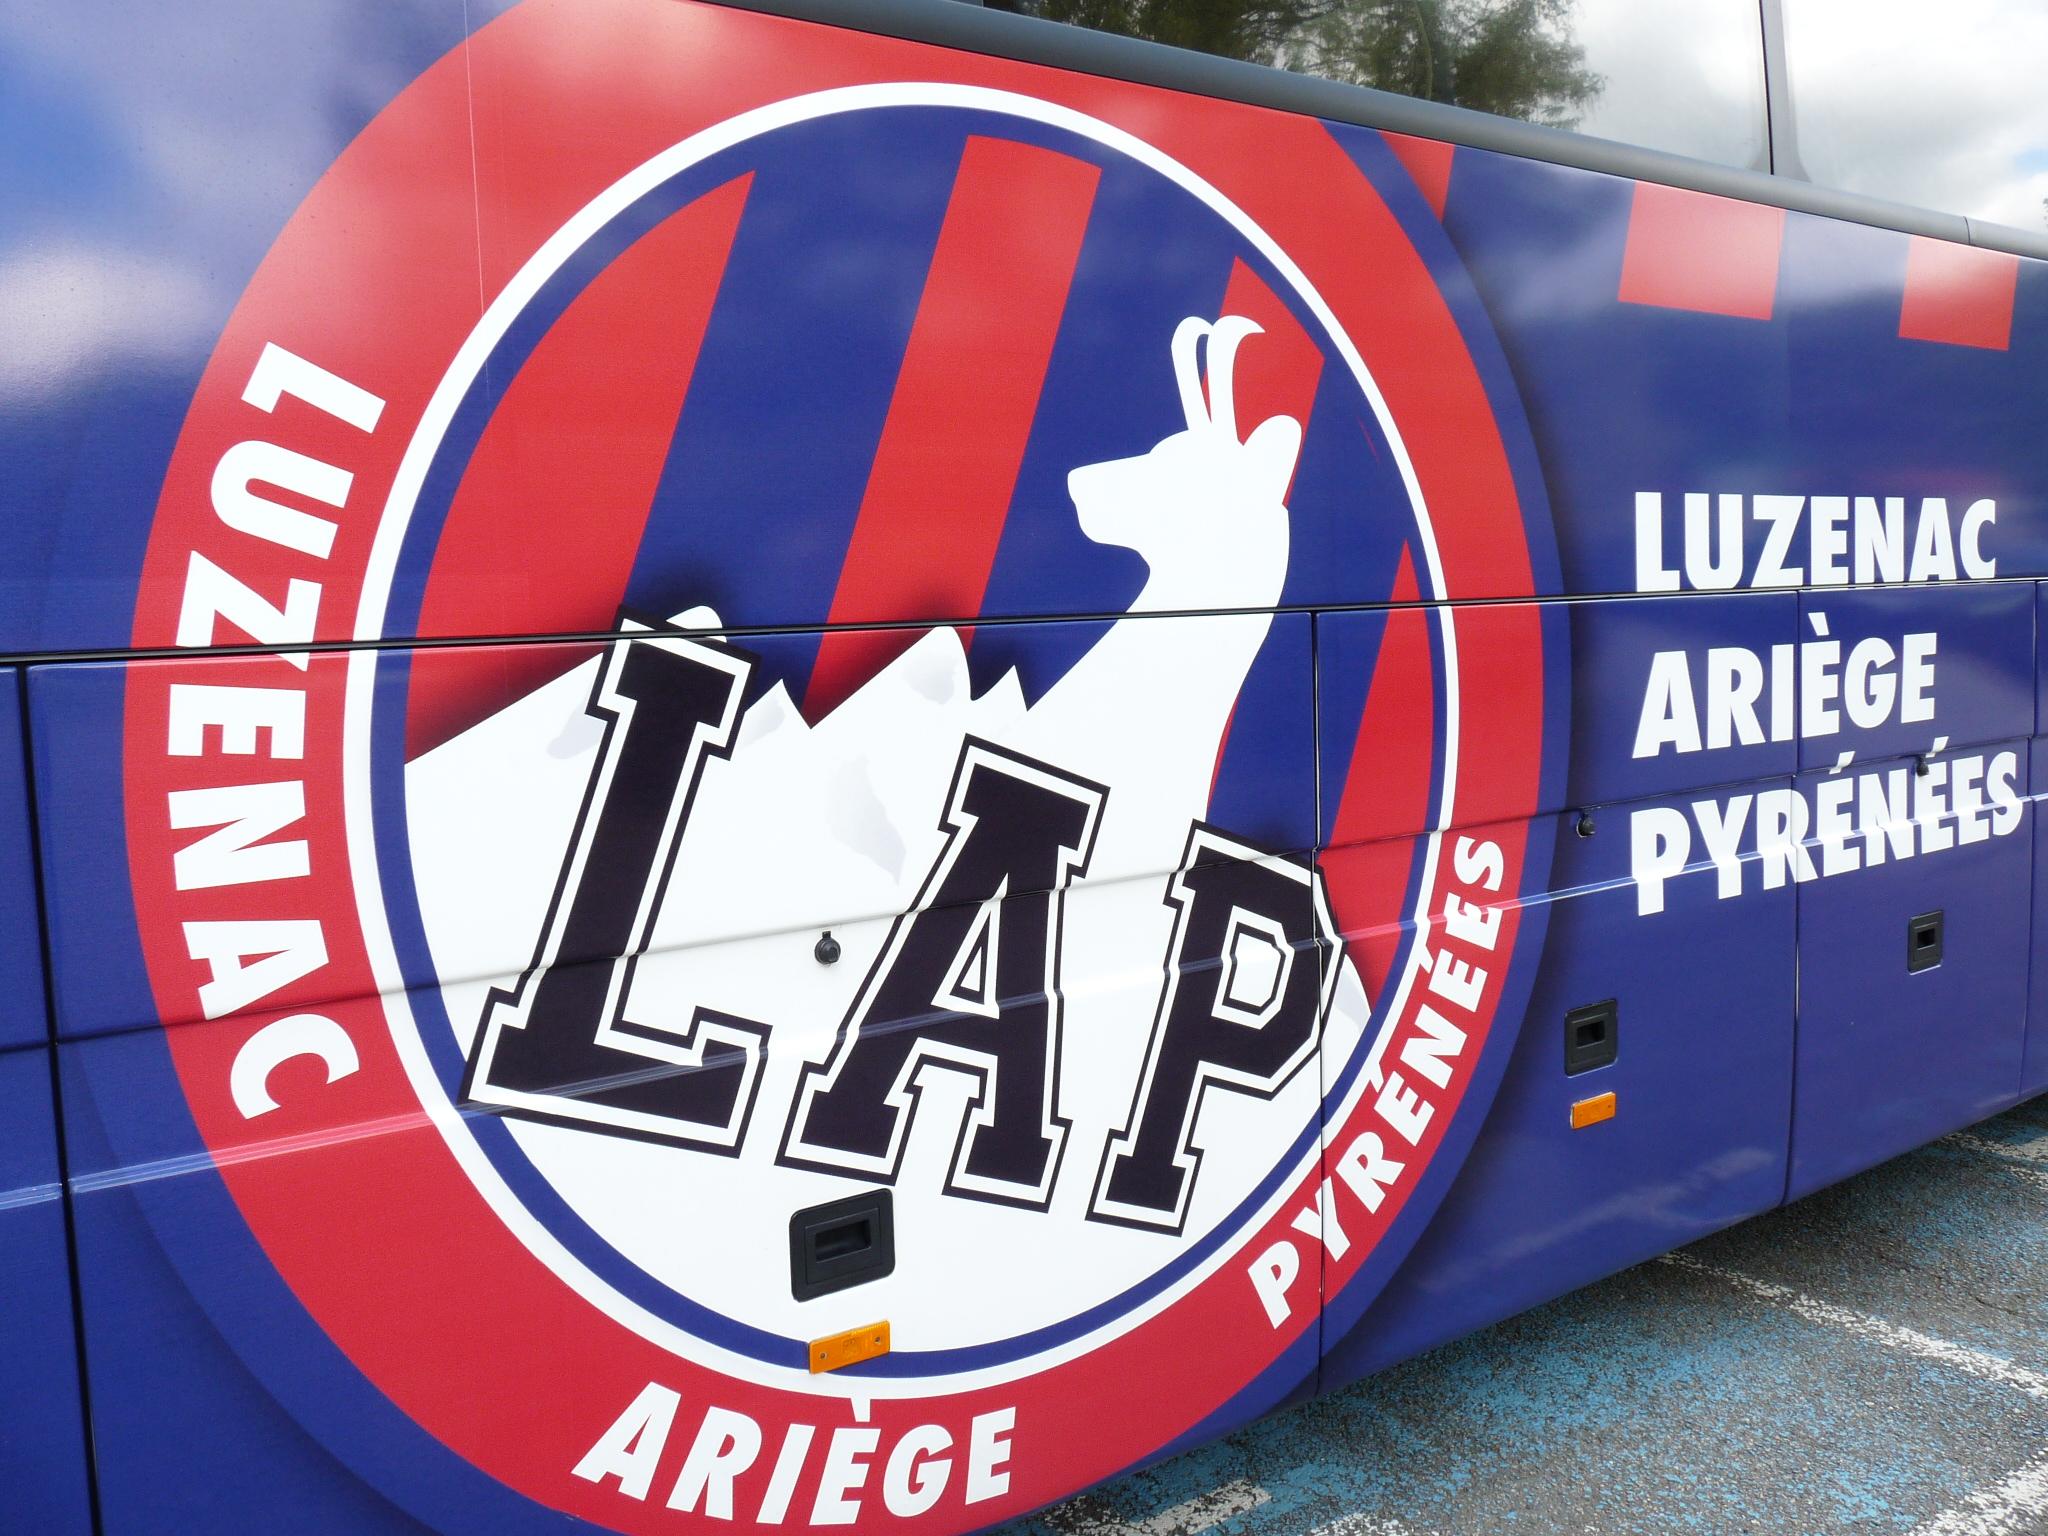 Le logo de Luzenac sur le bus du club